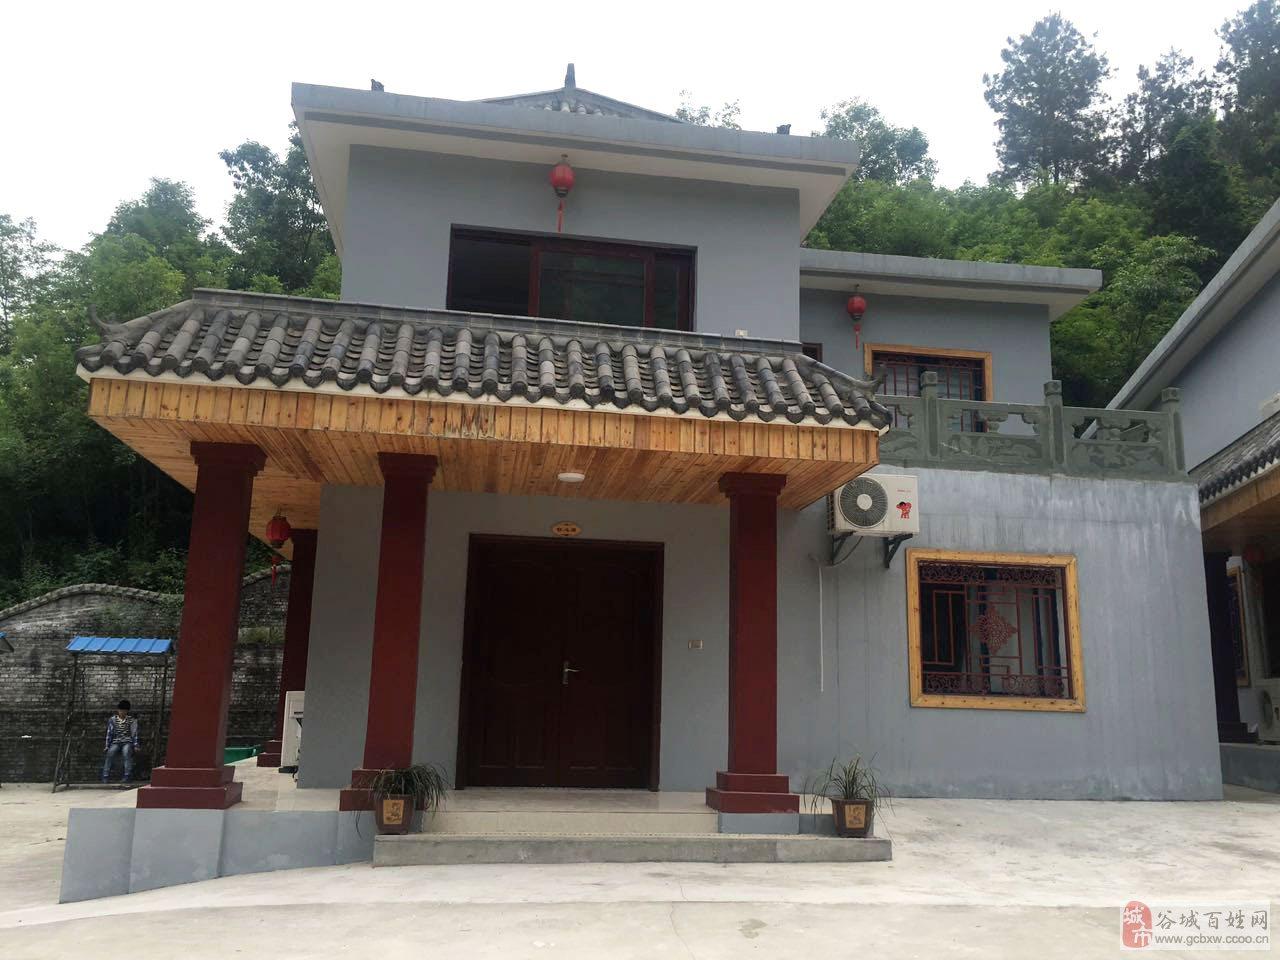 现有位于谷城县五山堰河村百日山风景区别墅一套低价出售.